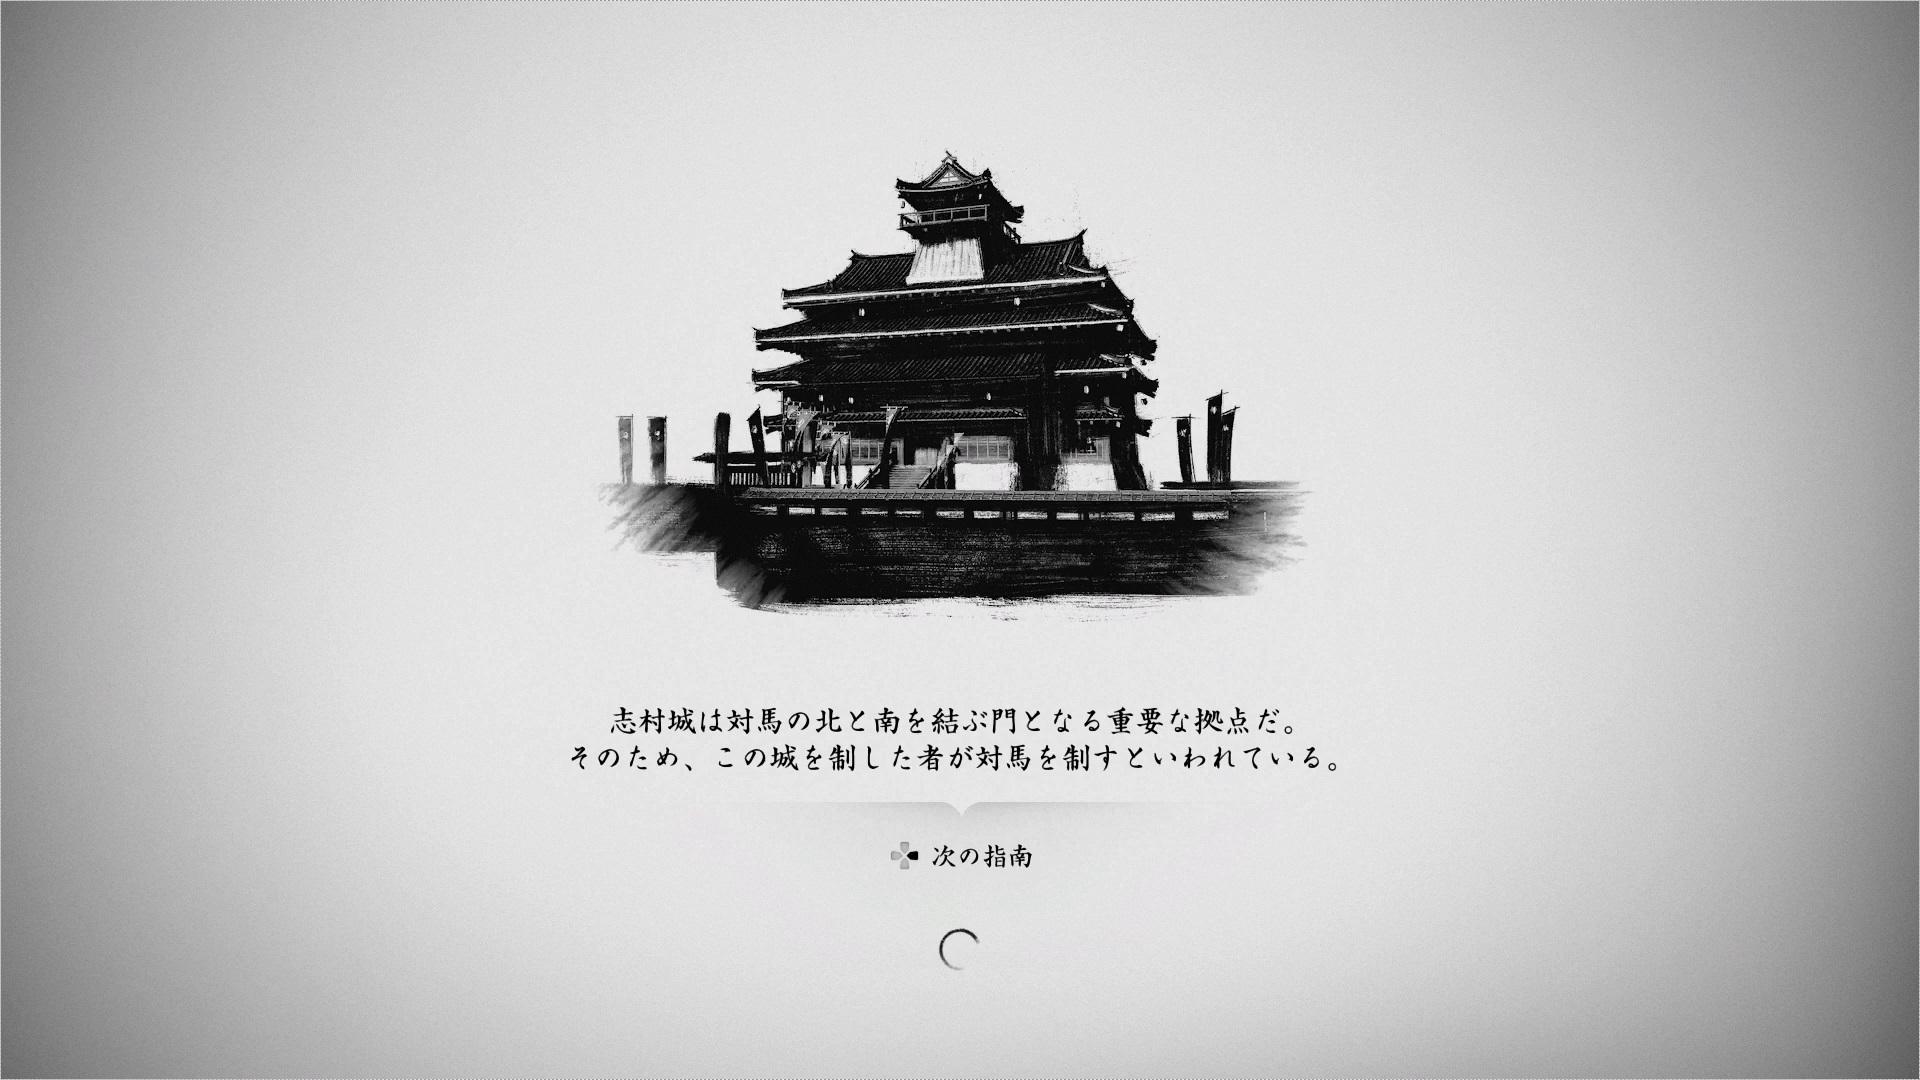 志村城は対馬の北と南を結ぶ門となる重要な拠点だ。そのため、この城を制した者が対馬を制すといわれている。